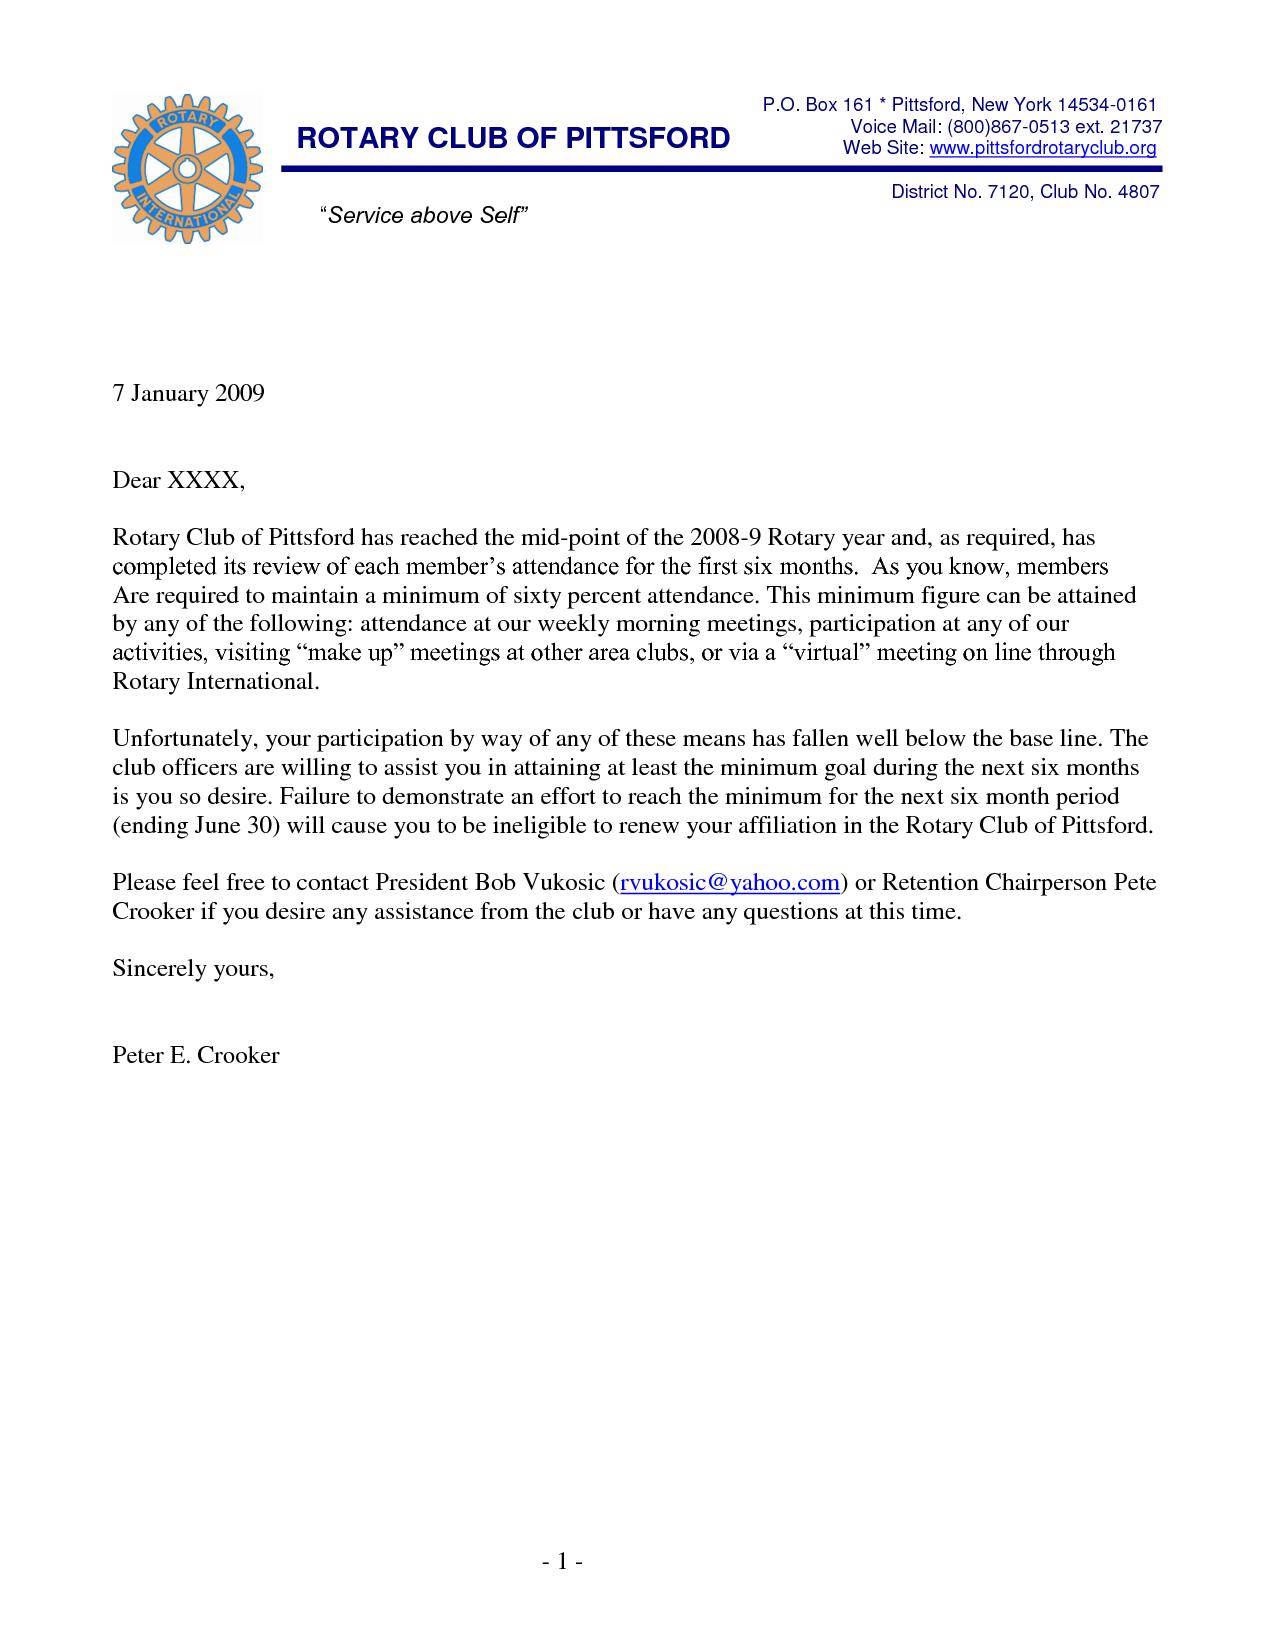 Warning Letter For Absent WallpaperWarning Letter For